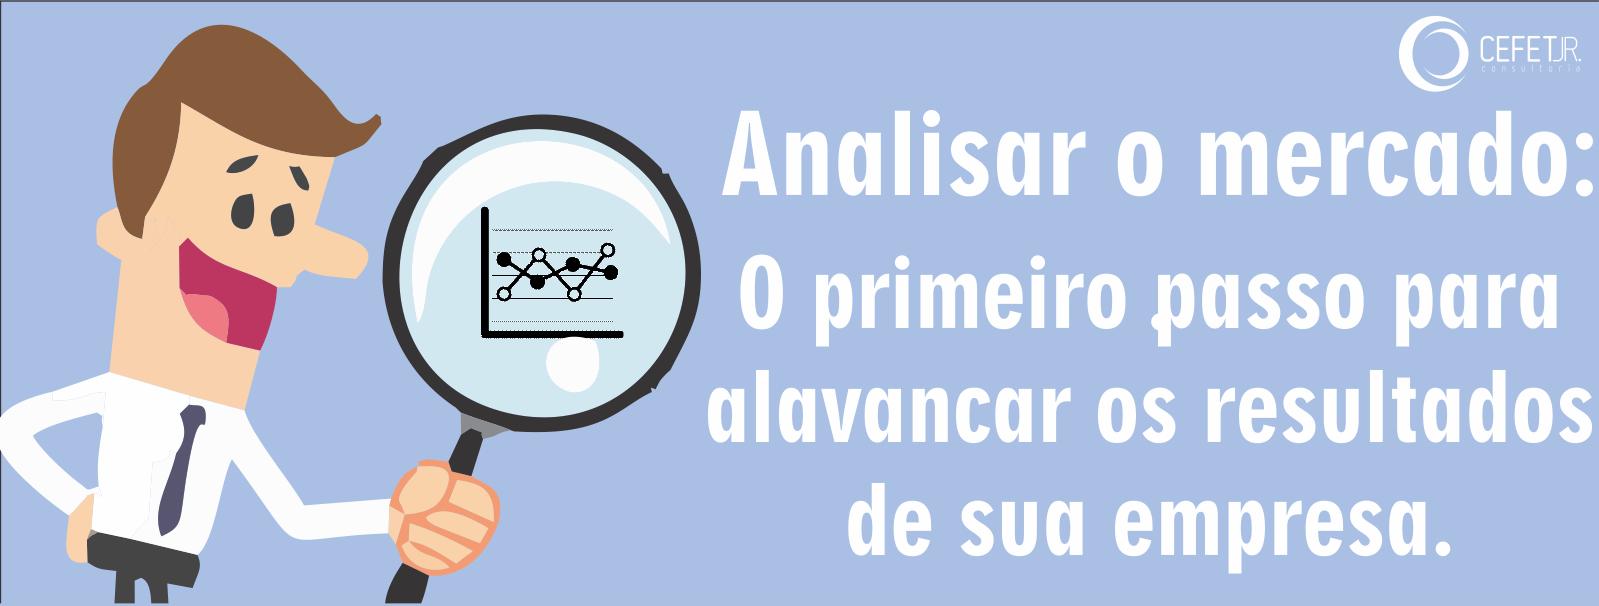 ANALISAR O MERCADO: O PRIMEIRO PASSO PARA ALAVANCAR OS RESULTADOS DE SUA EMPRESA